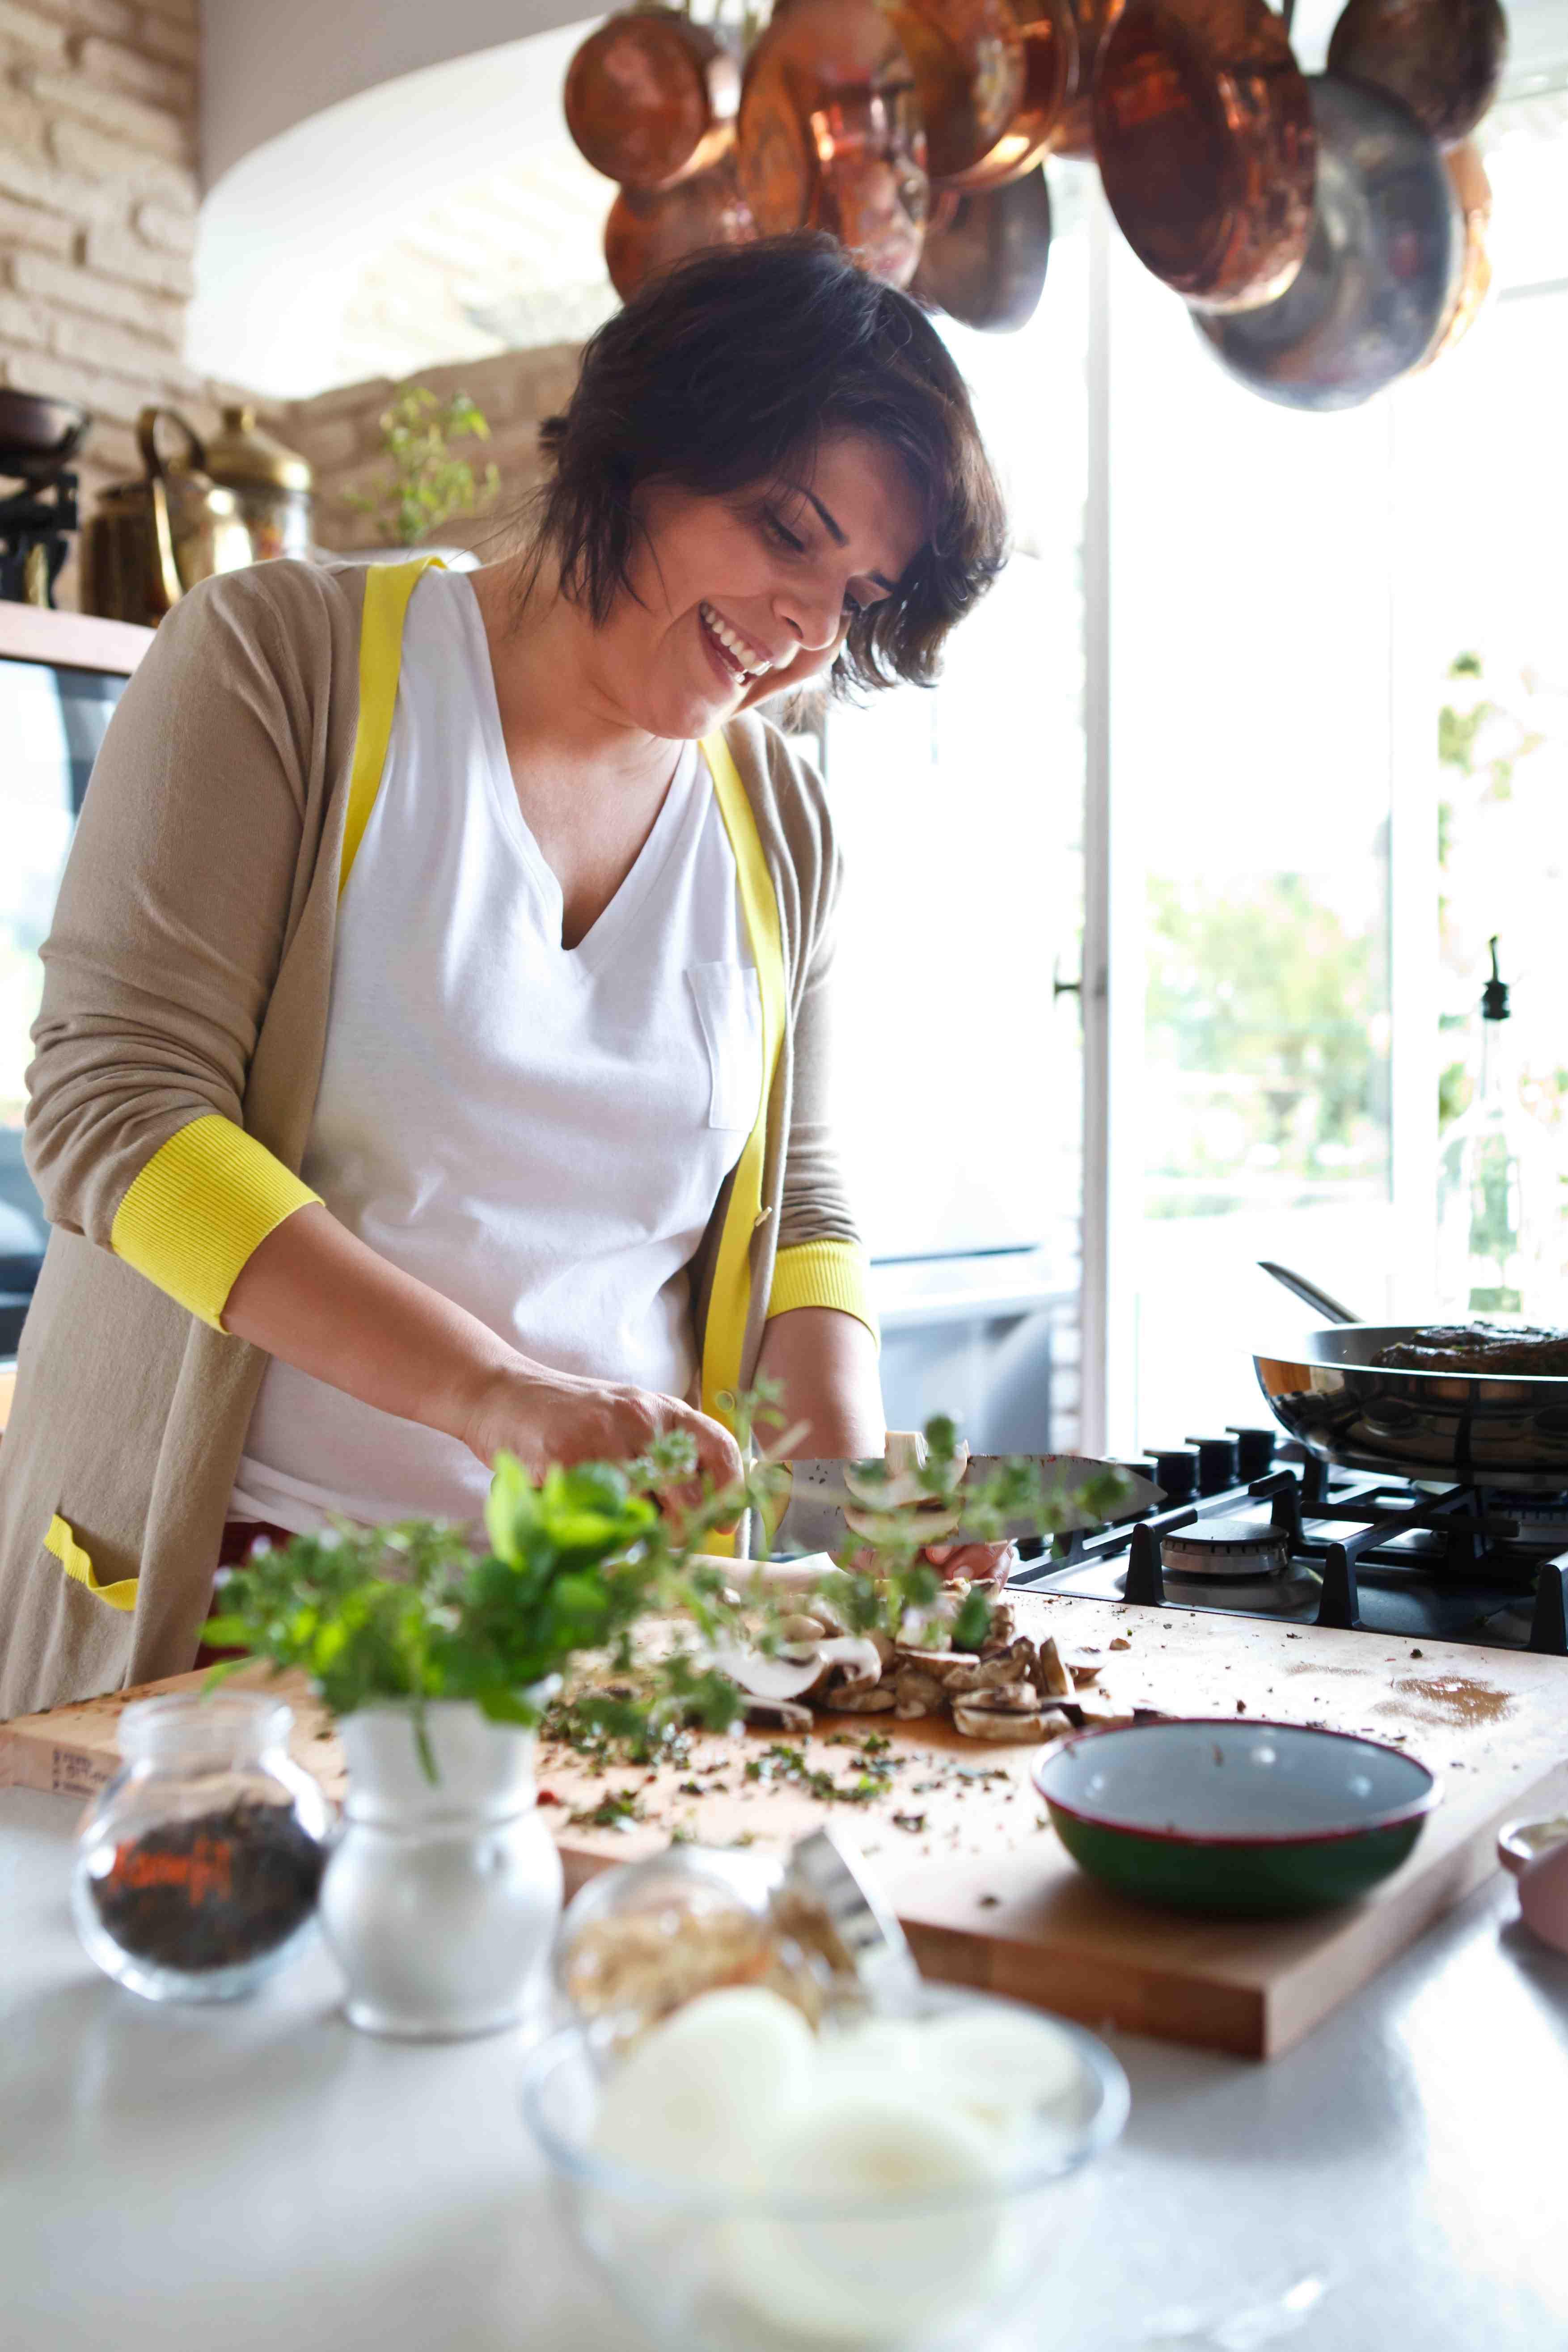 Aşçılık okuluna gitmek kurumsal işini bırakıp nefis yemekler